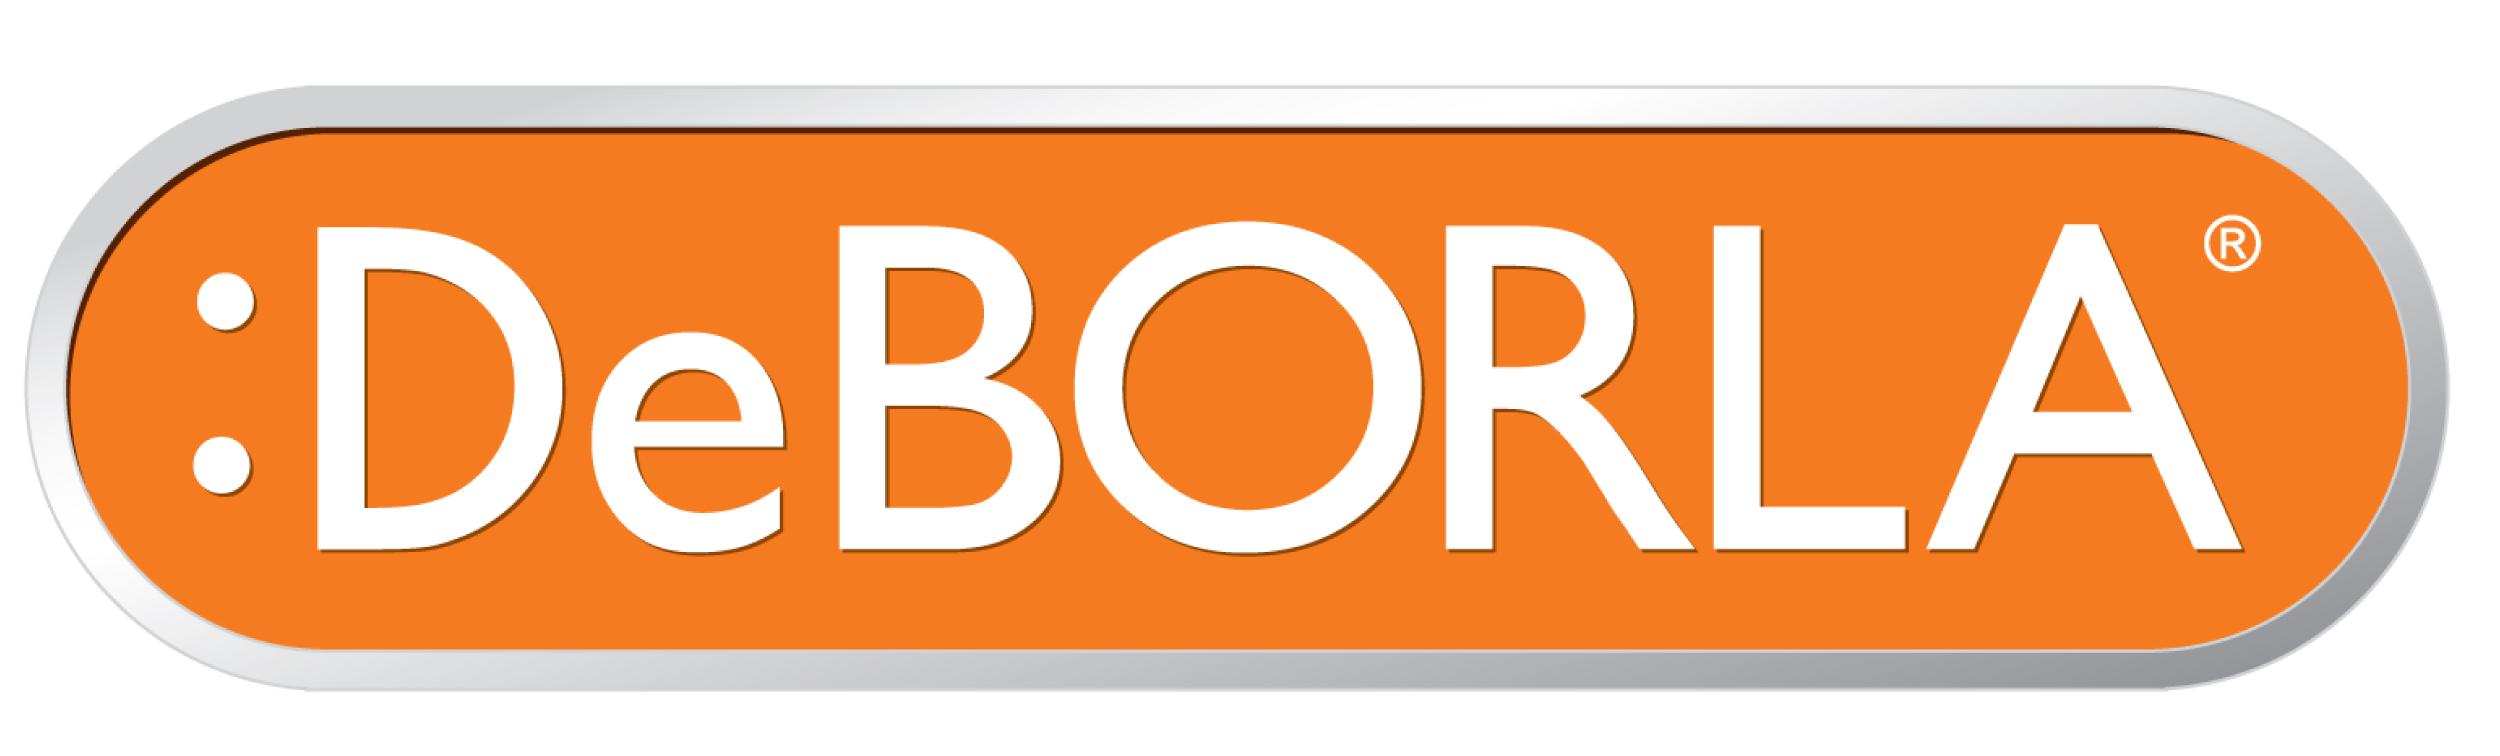 Novo Logotipo DeBORLA